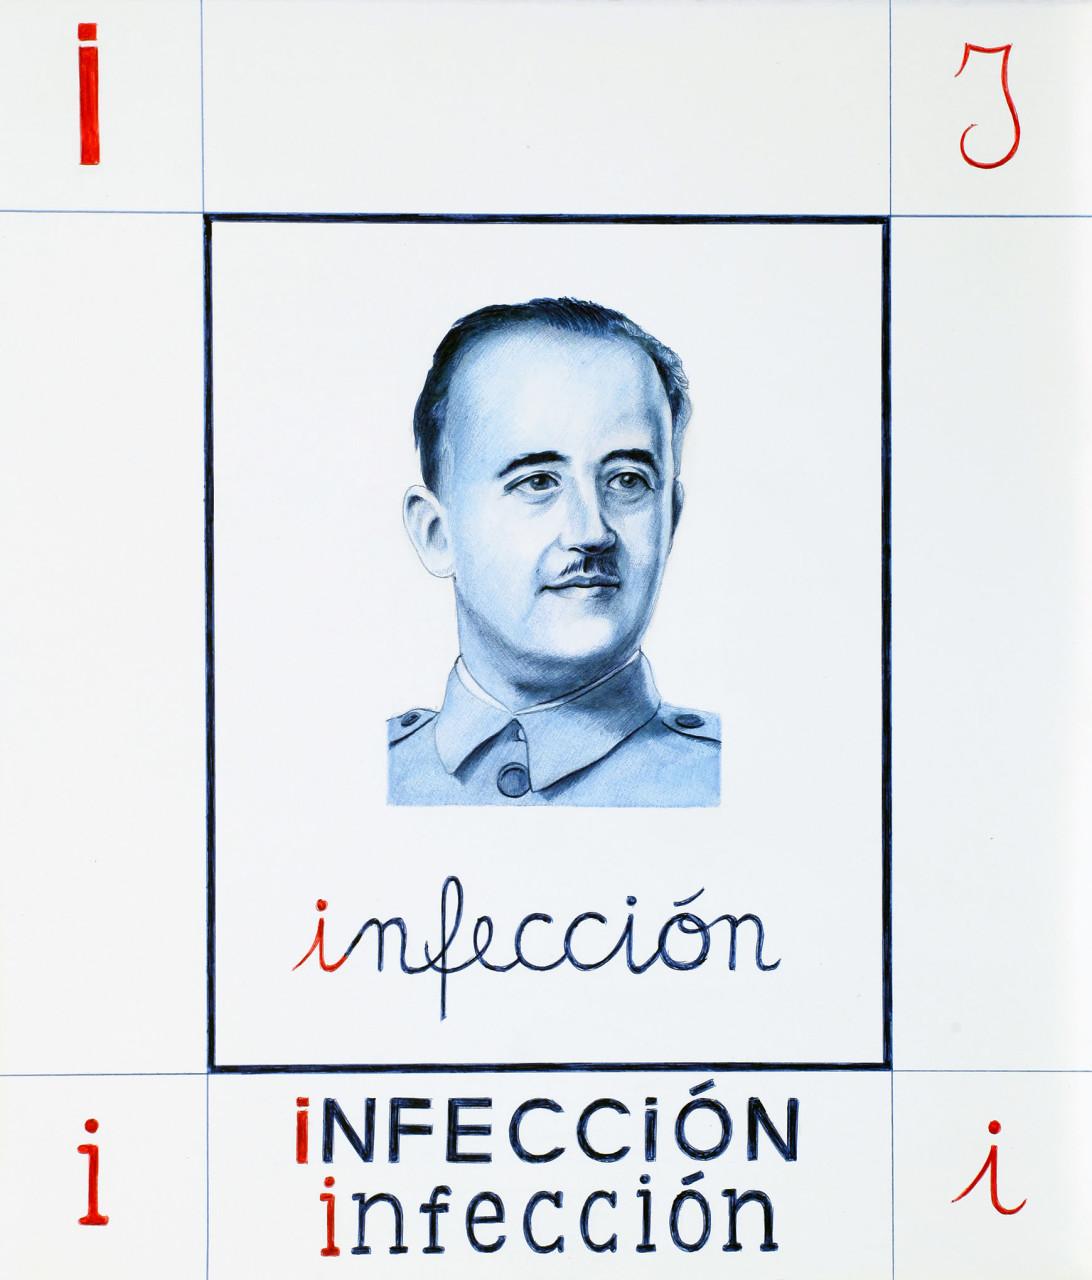 10I-infeccion_bassa